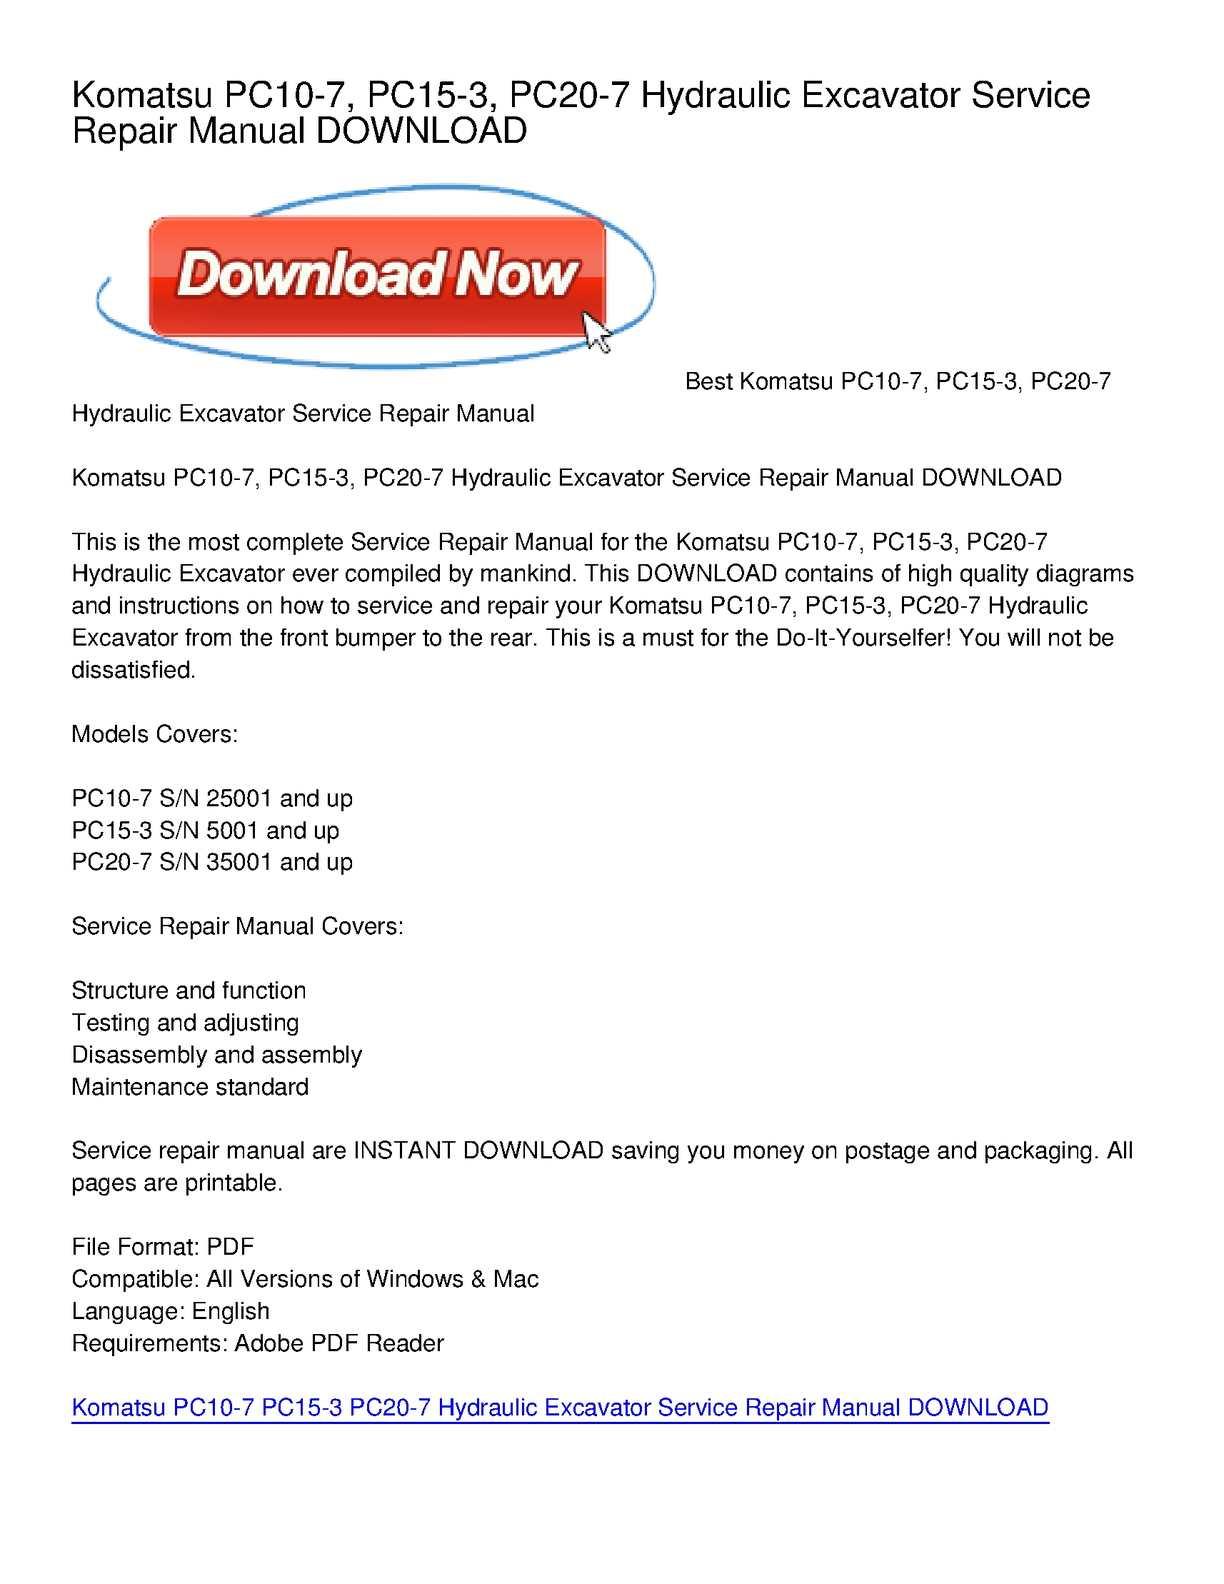 Calaméo - Komatsu PC10-7, PC15-3, PC20-7 Hydraulic Excavator